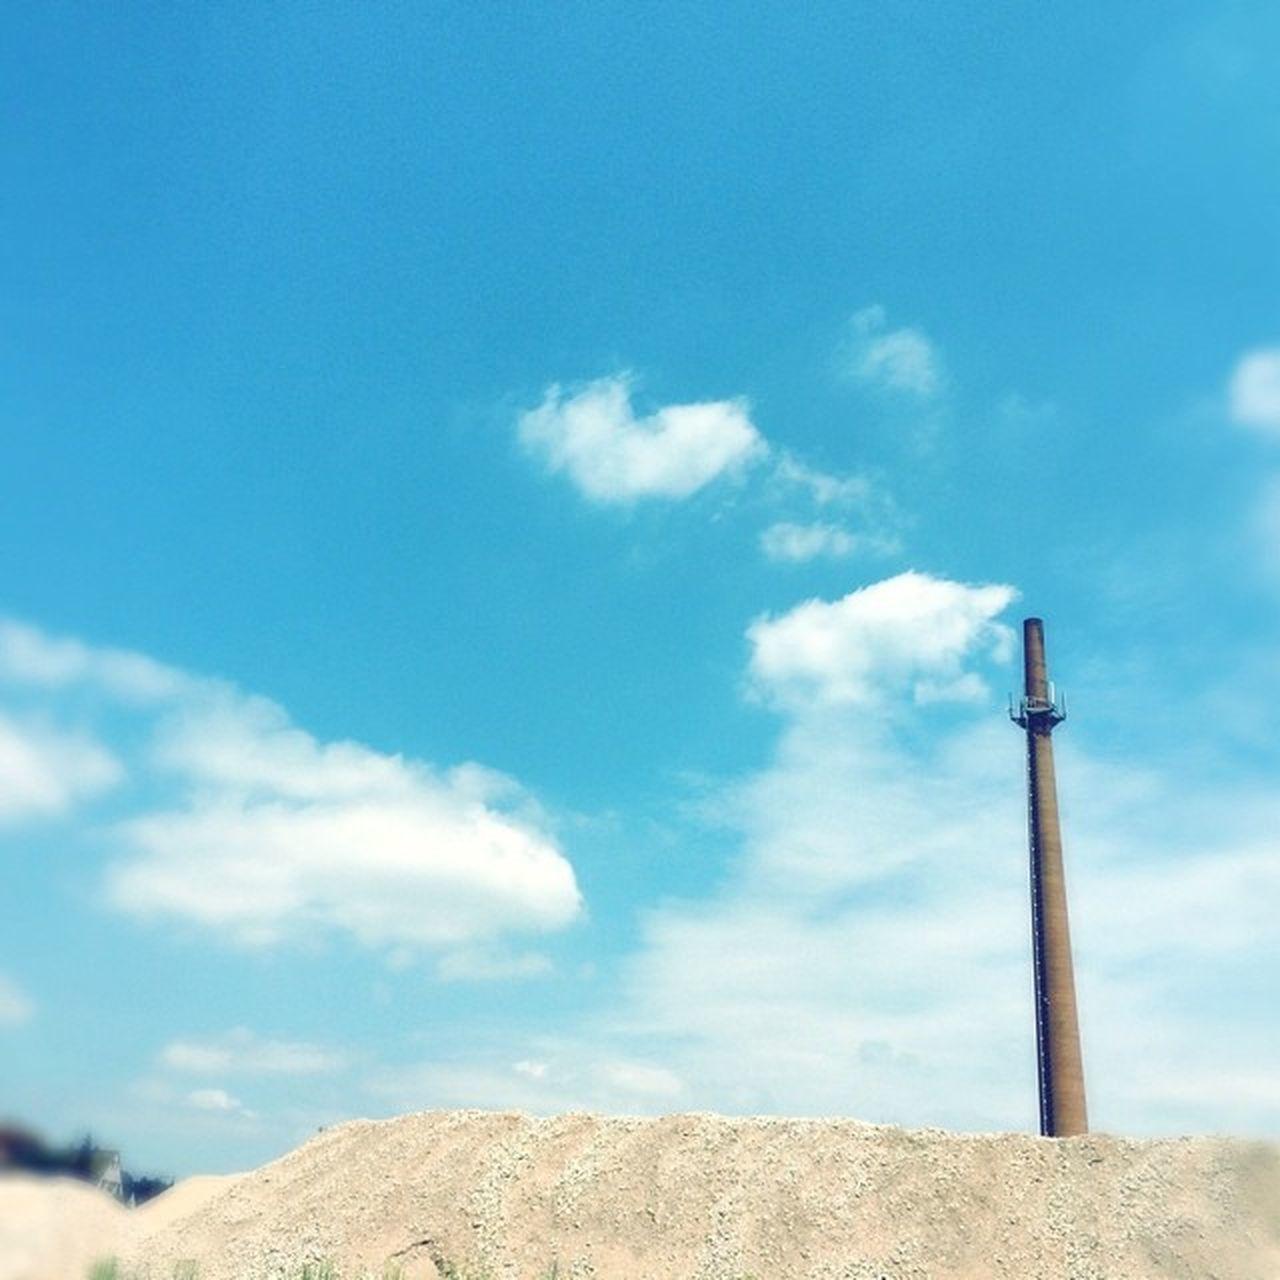 #Schornstein bei / #chimney at #erlangen